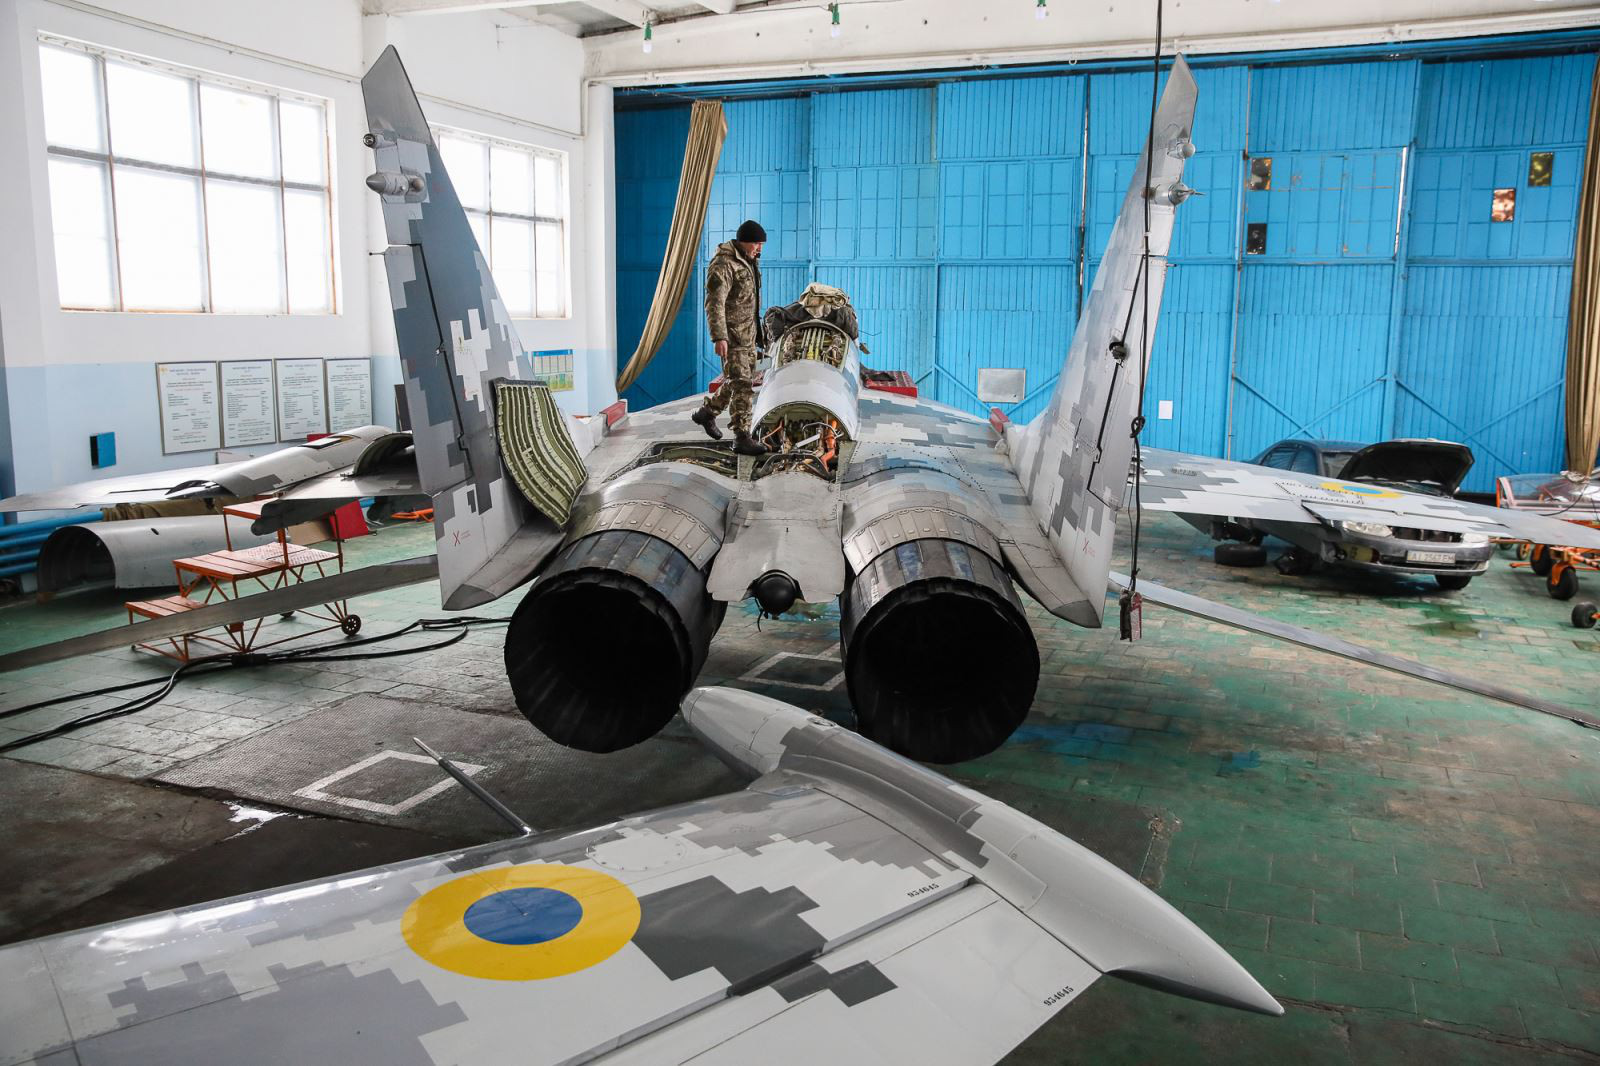 Sức mạnh của Không quân Ukraine liệu có đủ để đối phó Nga? - Ảnh 1.